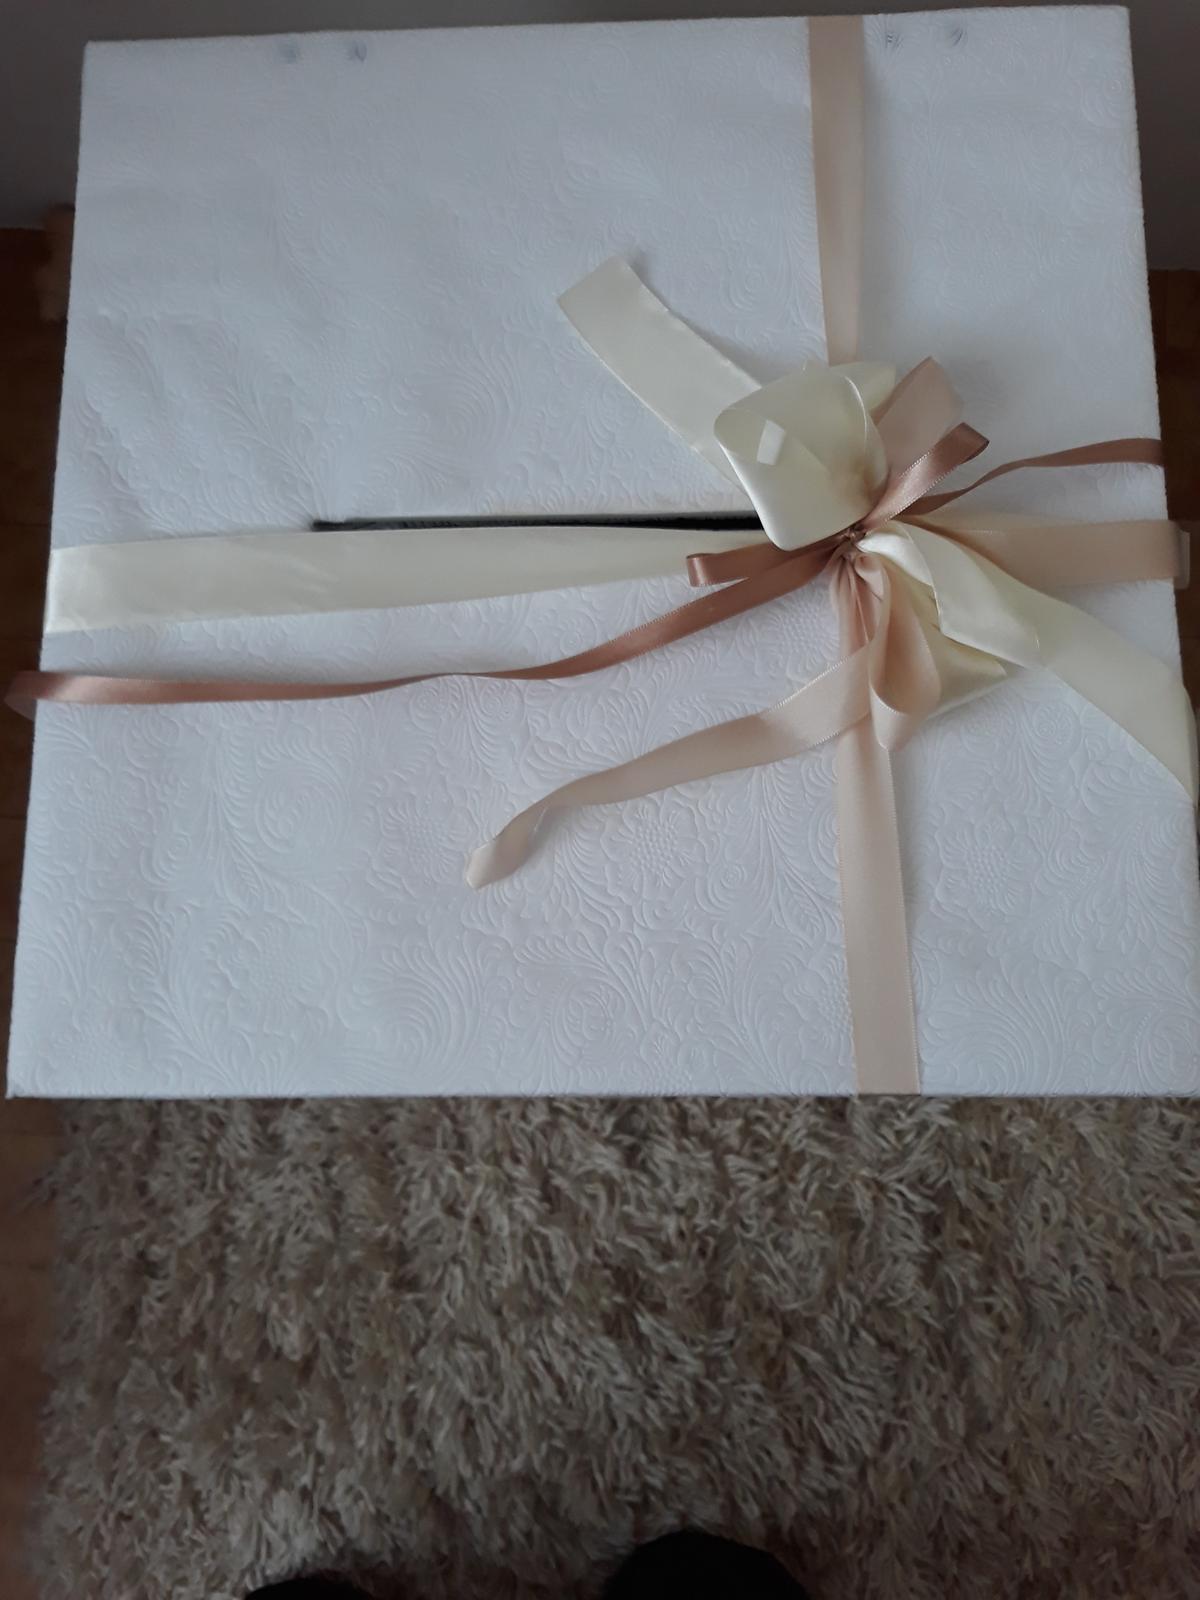 Krabice na blahopřání - Obrázek č. 2